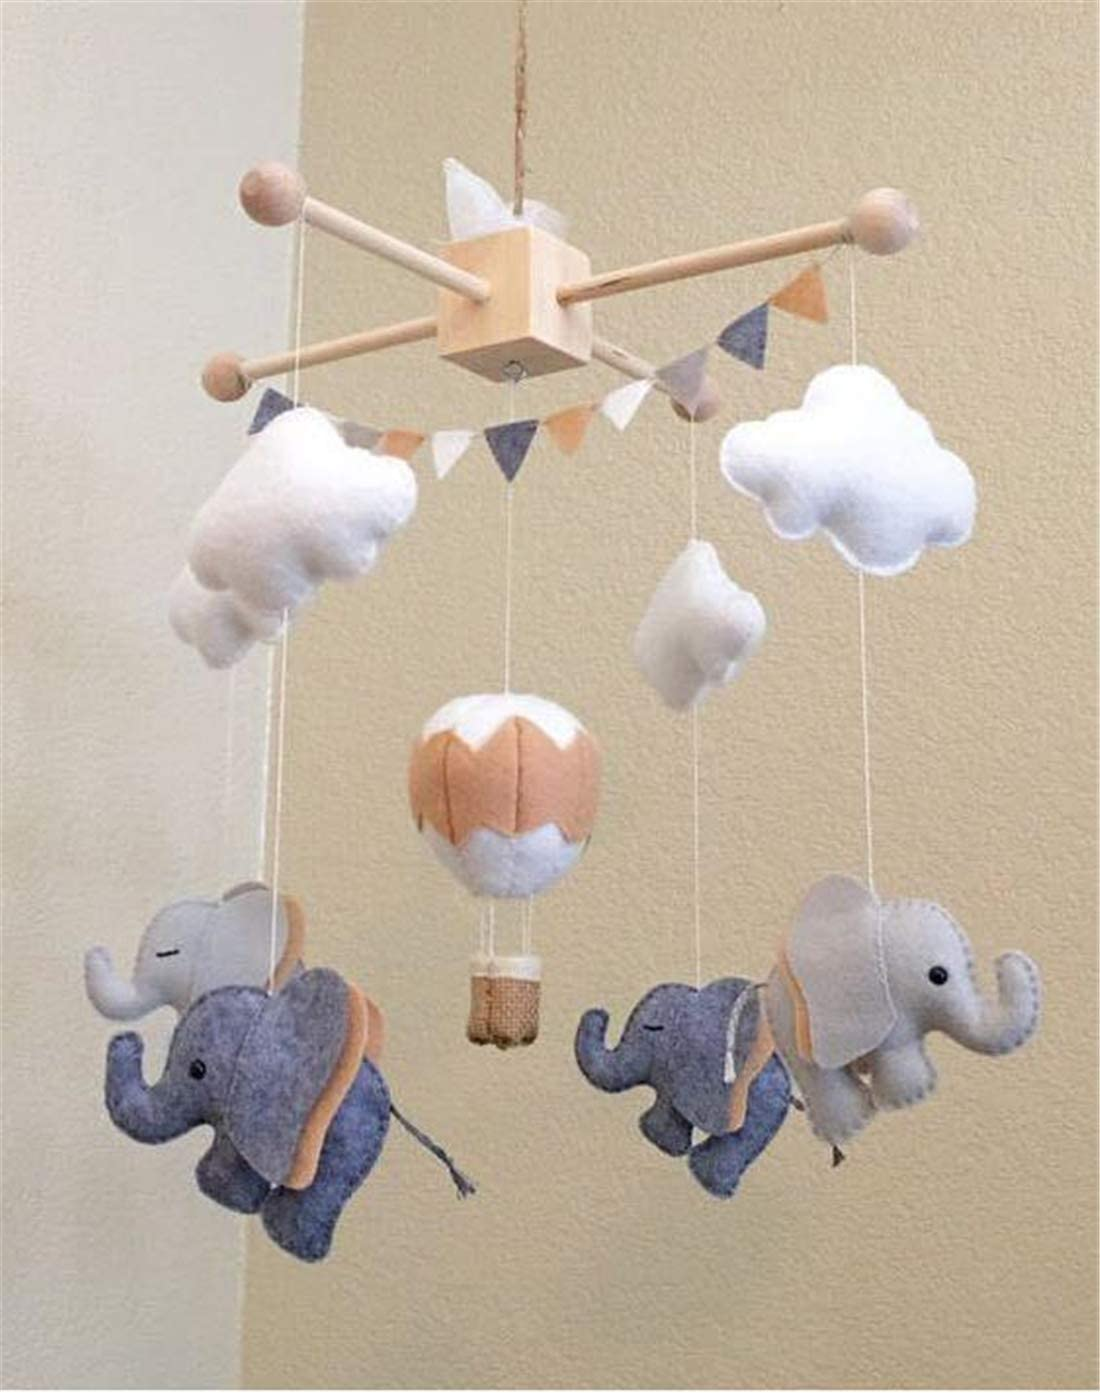 1Set Baby Hanger Baby Mobile Crib Hanger Frame Bed Bell Wooden Mobile Crib Hanger DIY Crafts Frame Mobile Holder Newborn Gifts